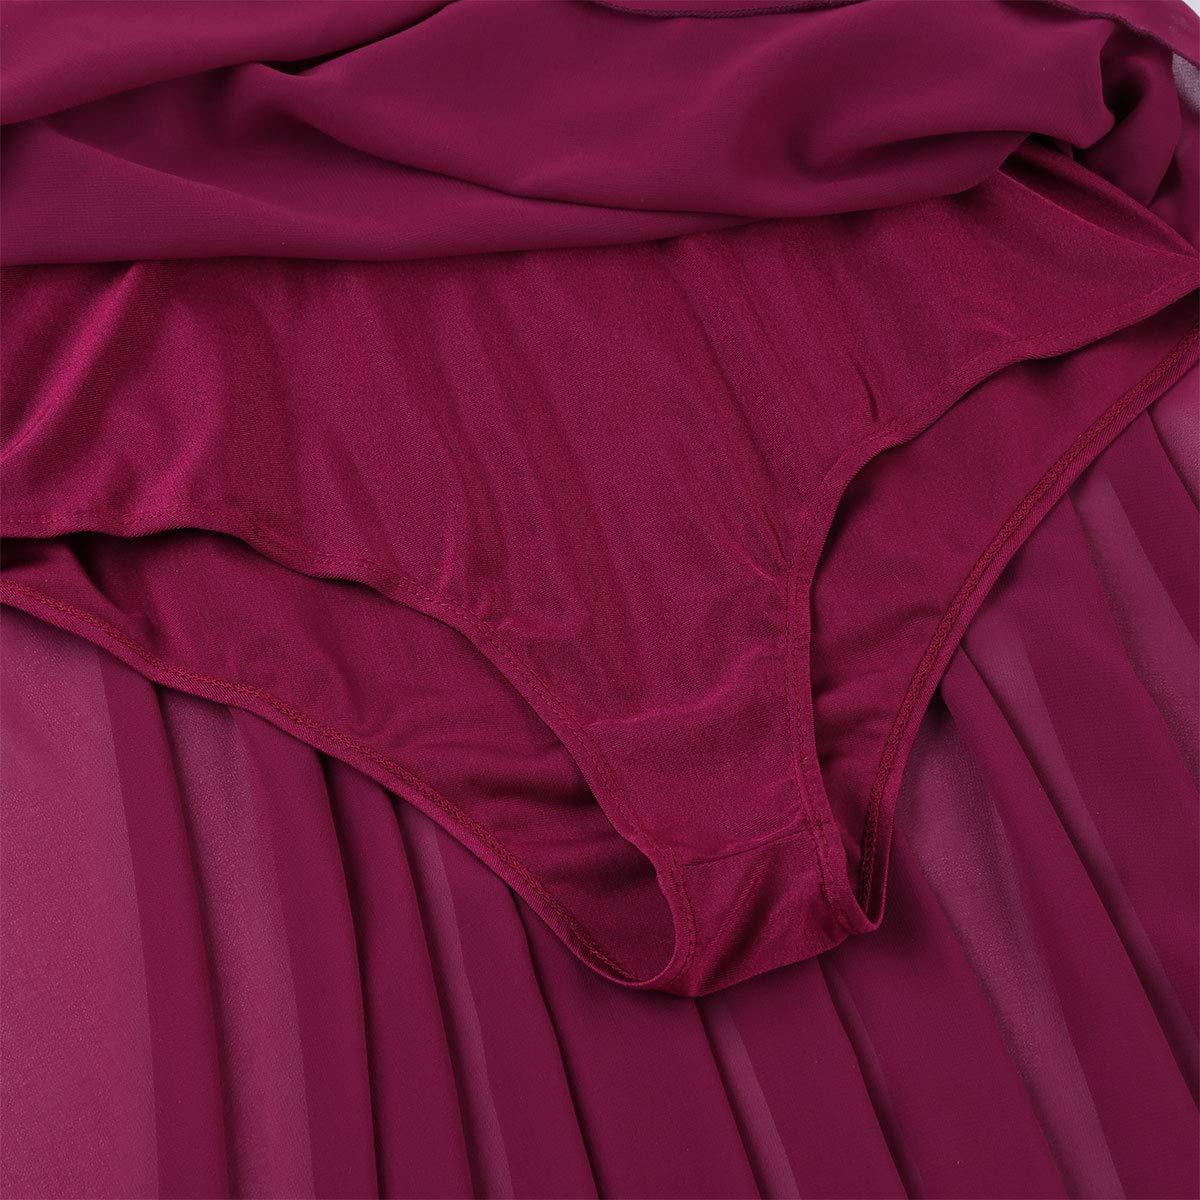 YiZYiF Femme Robe Danse Justaucorps Ballet Latin Gymnastique Asym/étrique Robe /à Paillettes Robe Soir/ée Bal Gala Body Combinaison Danseuse Costume Performance XS-XL